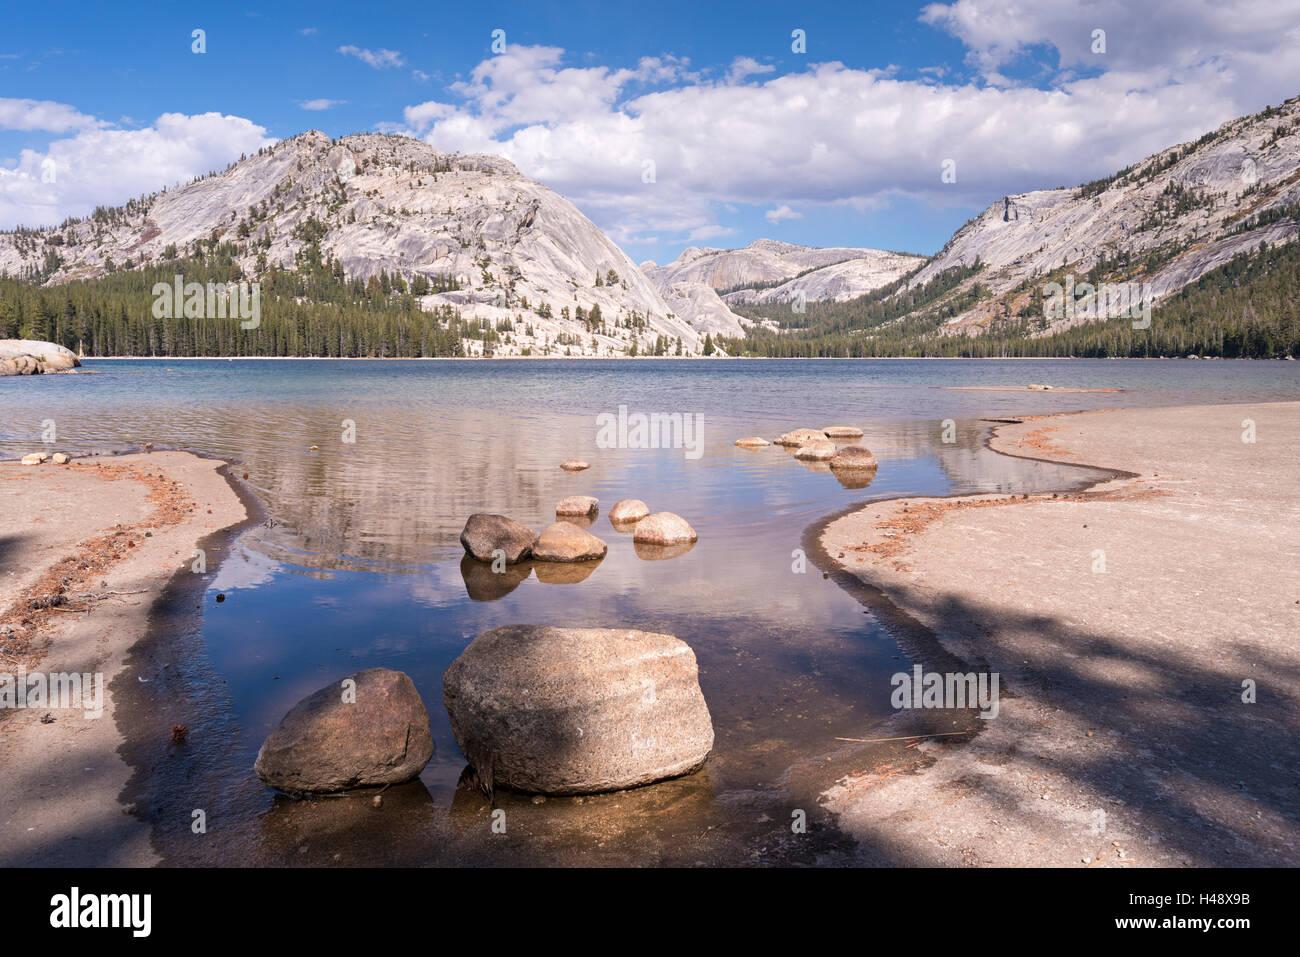 Lago de Tenaya en el Parque Nacional Yosemite, California, USA. Otoño (octubre de 2014). Imagen De Stock